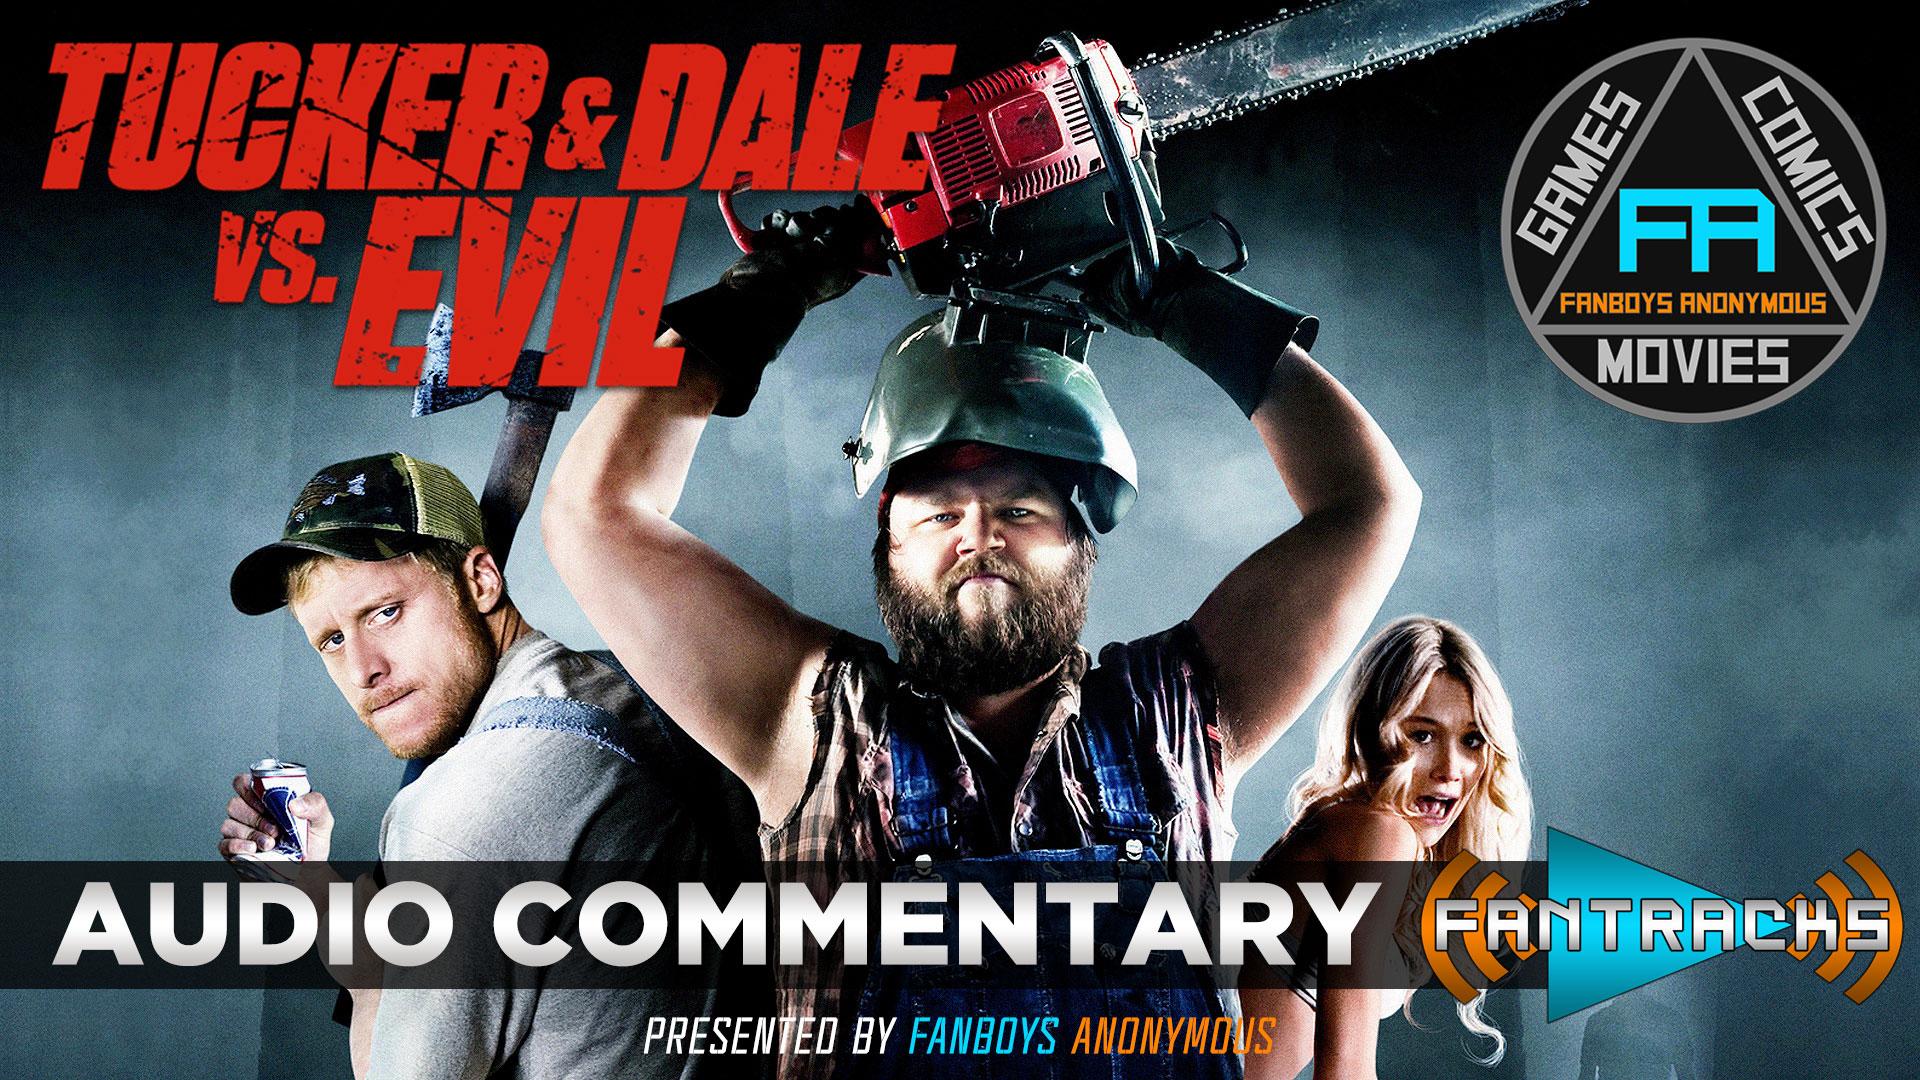 FanTracks Tucker and Dale vs. Evil audio commentary